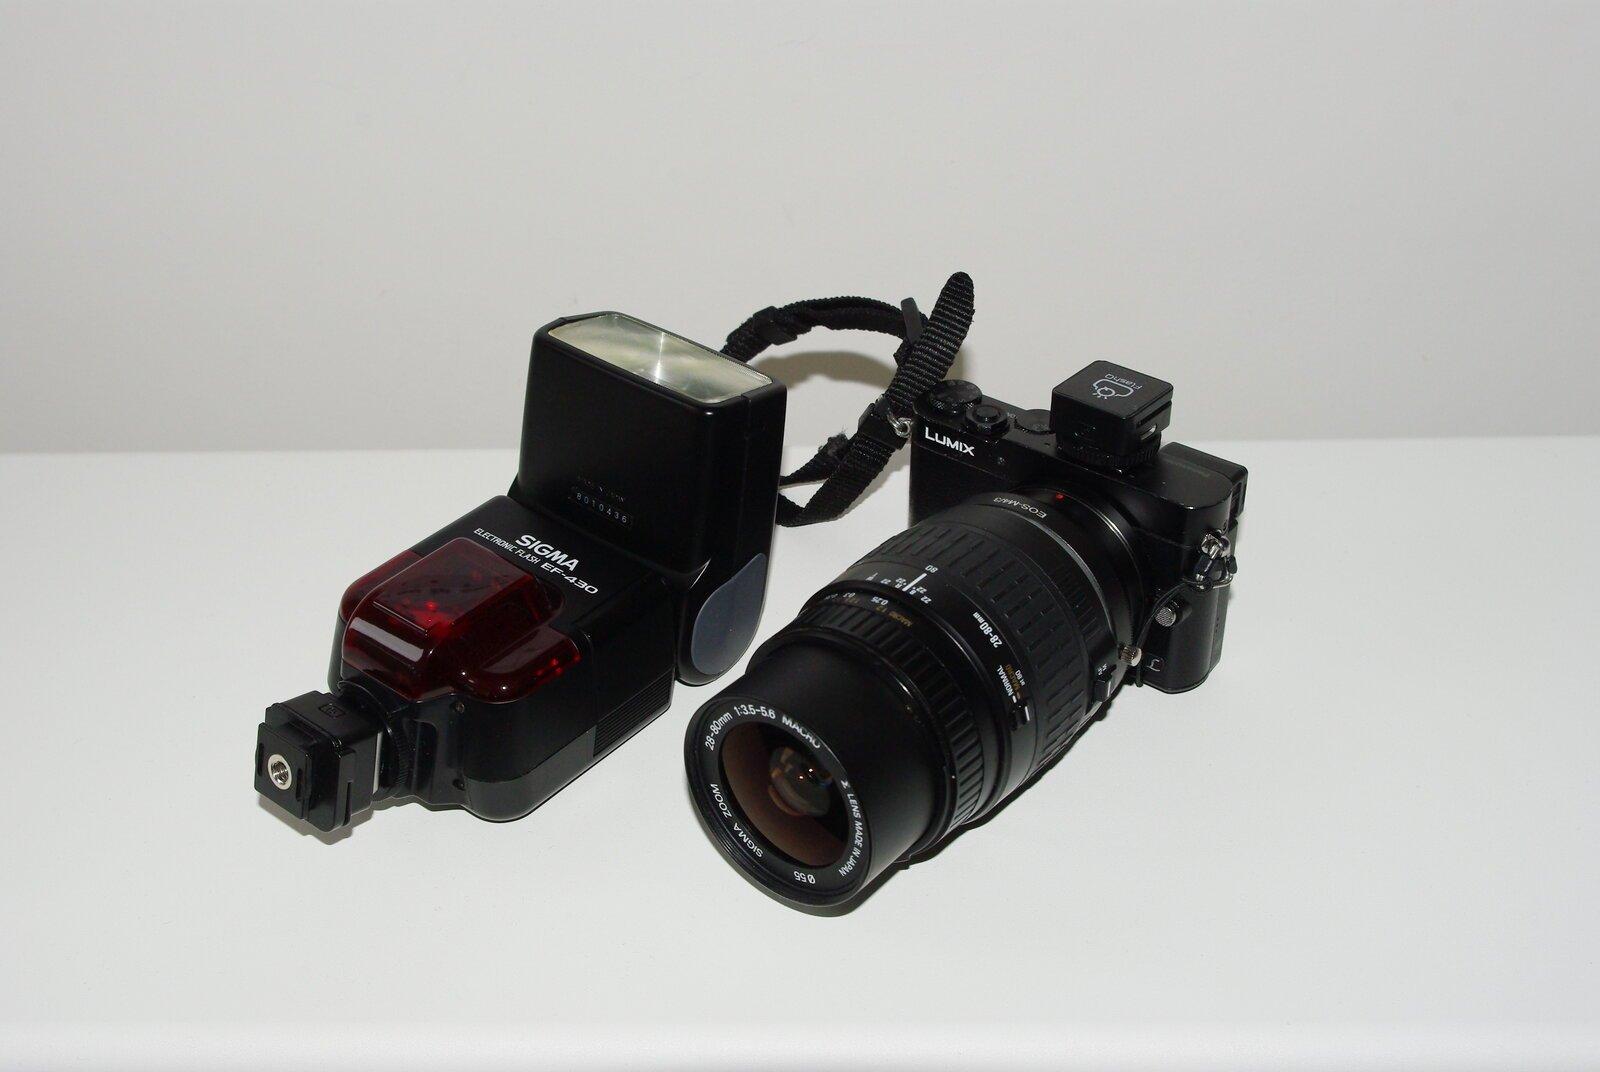 IMGP7699.JPG